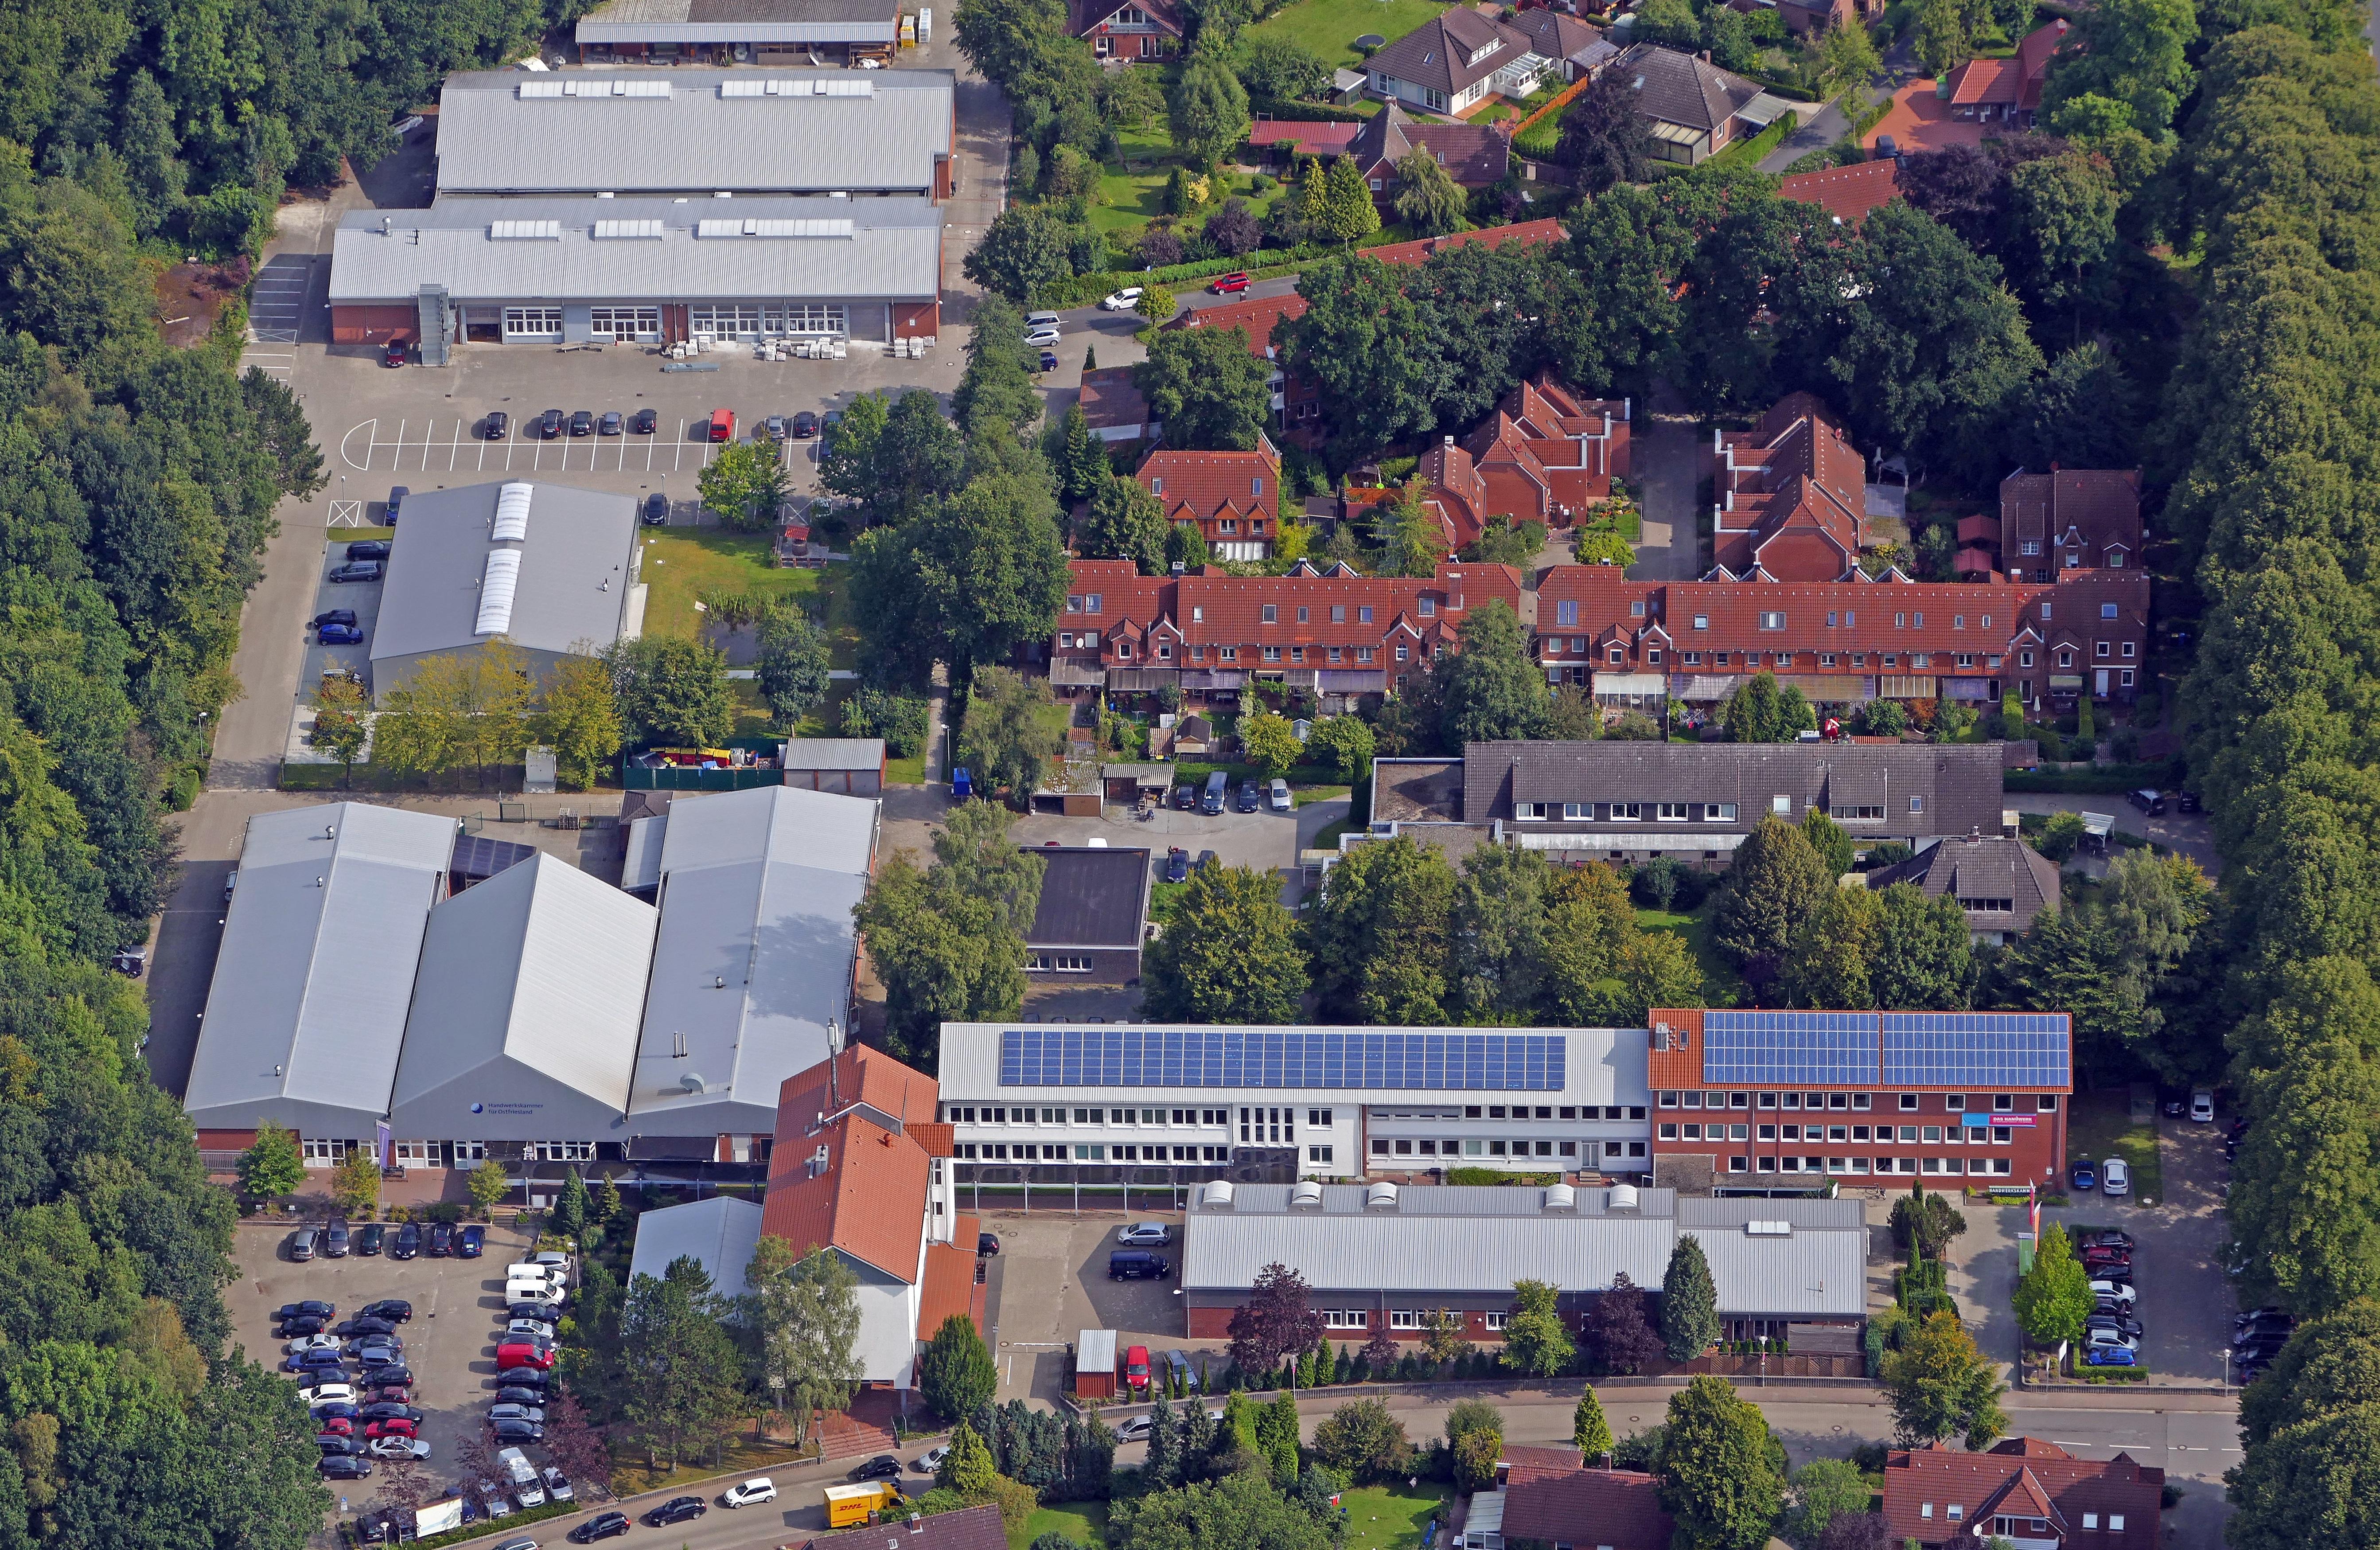 Handwerkskammer2019.jpg – Handwerkskammer für Ostfriesland